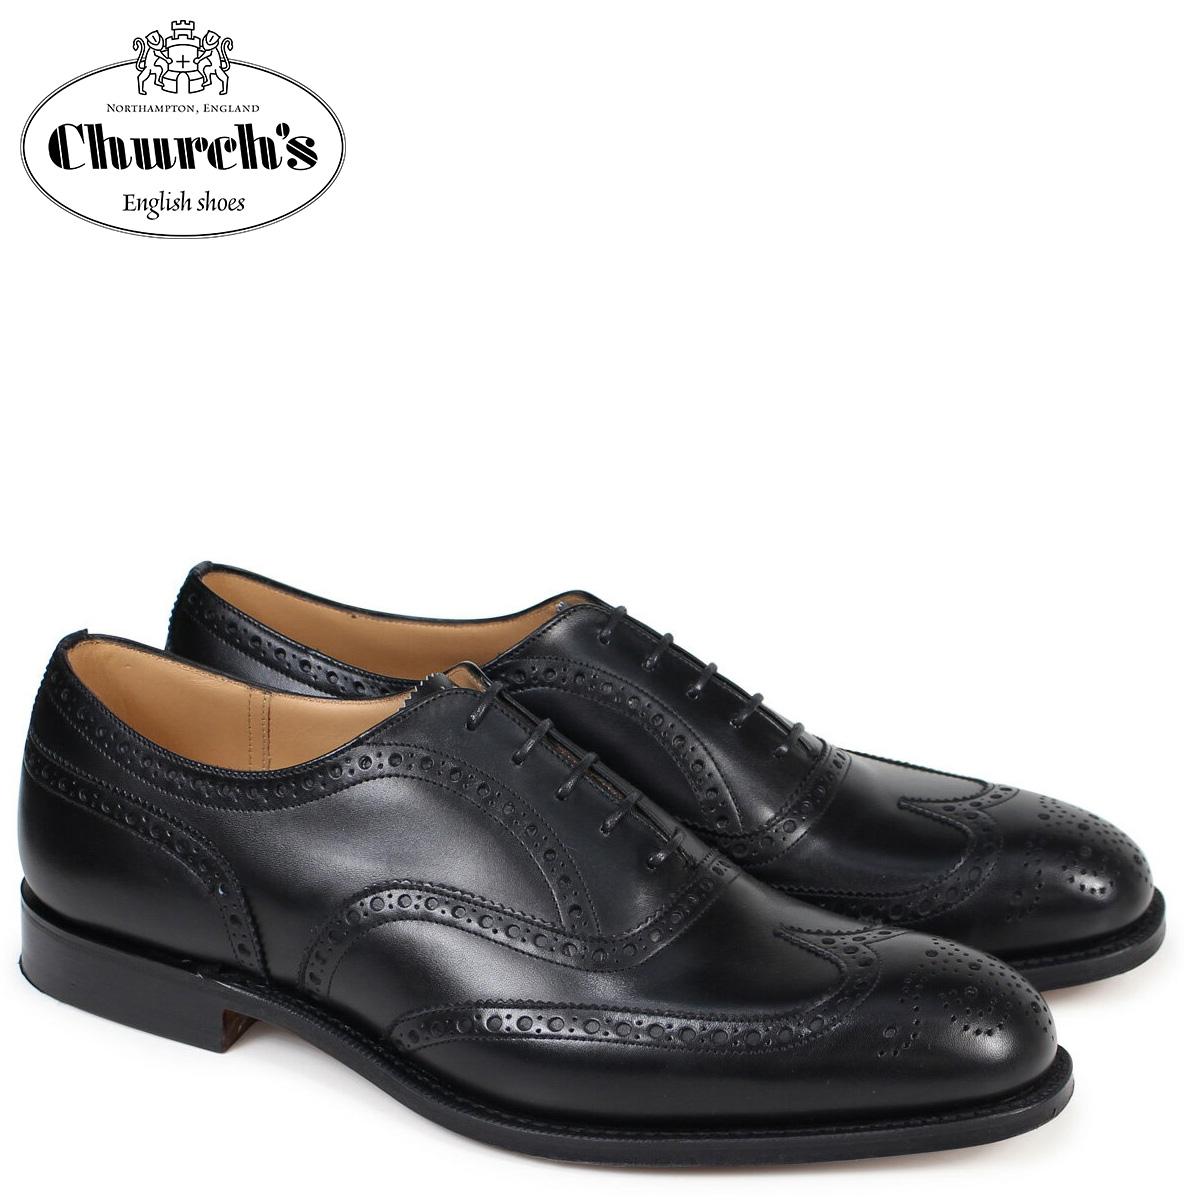 チャーチ Churchs 靴 チェットウインド ウイングチップ シューズ メンズ CHETWYND レザー ブラック EEB007